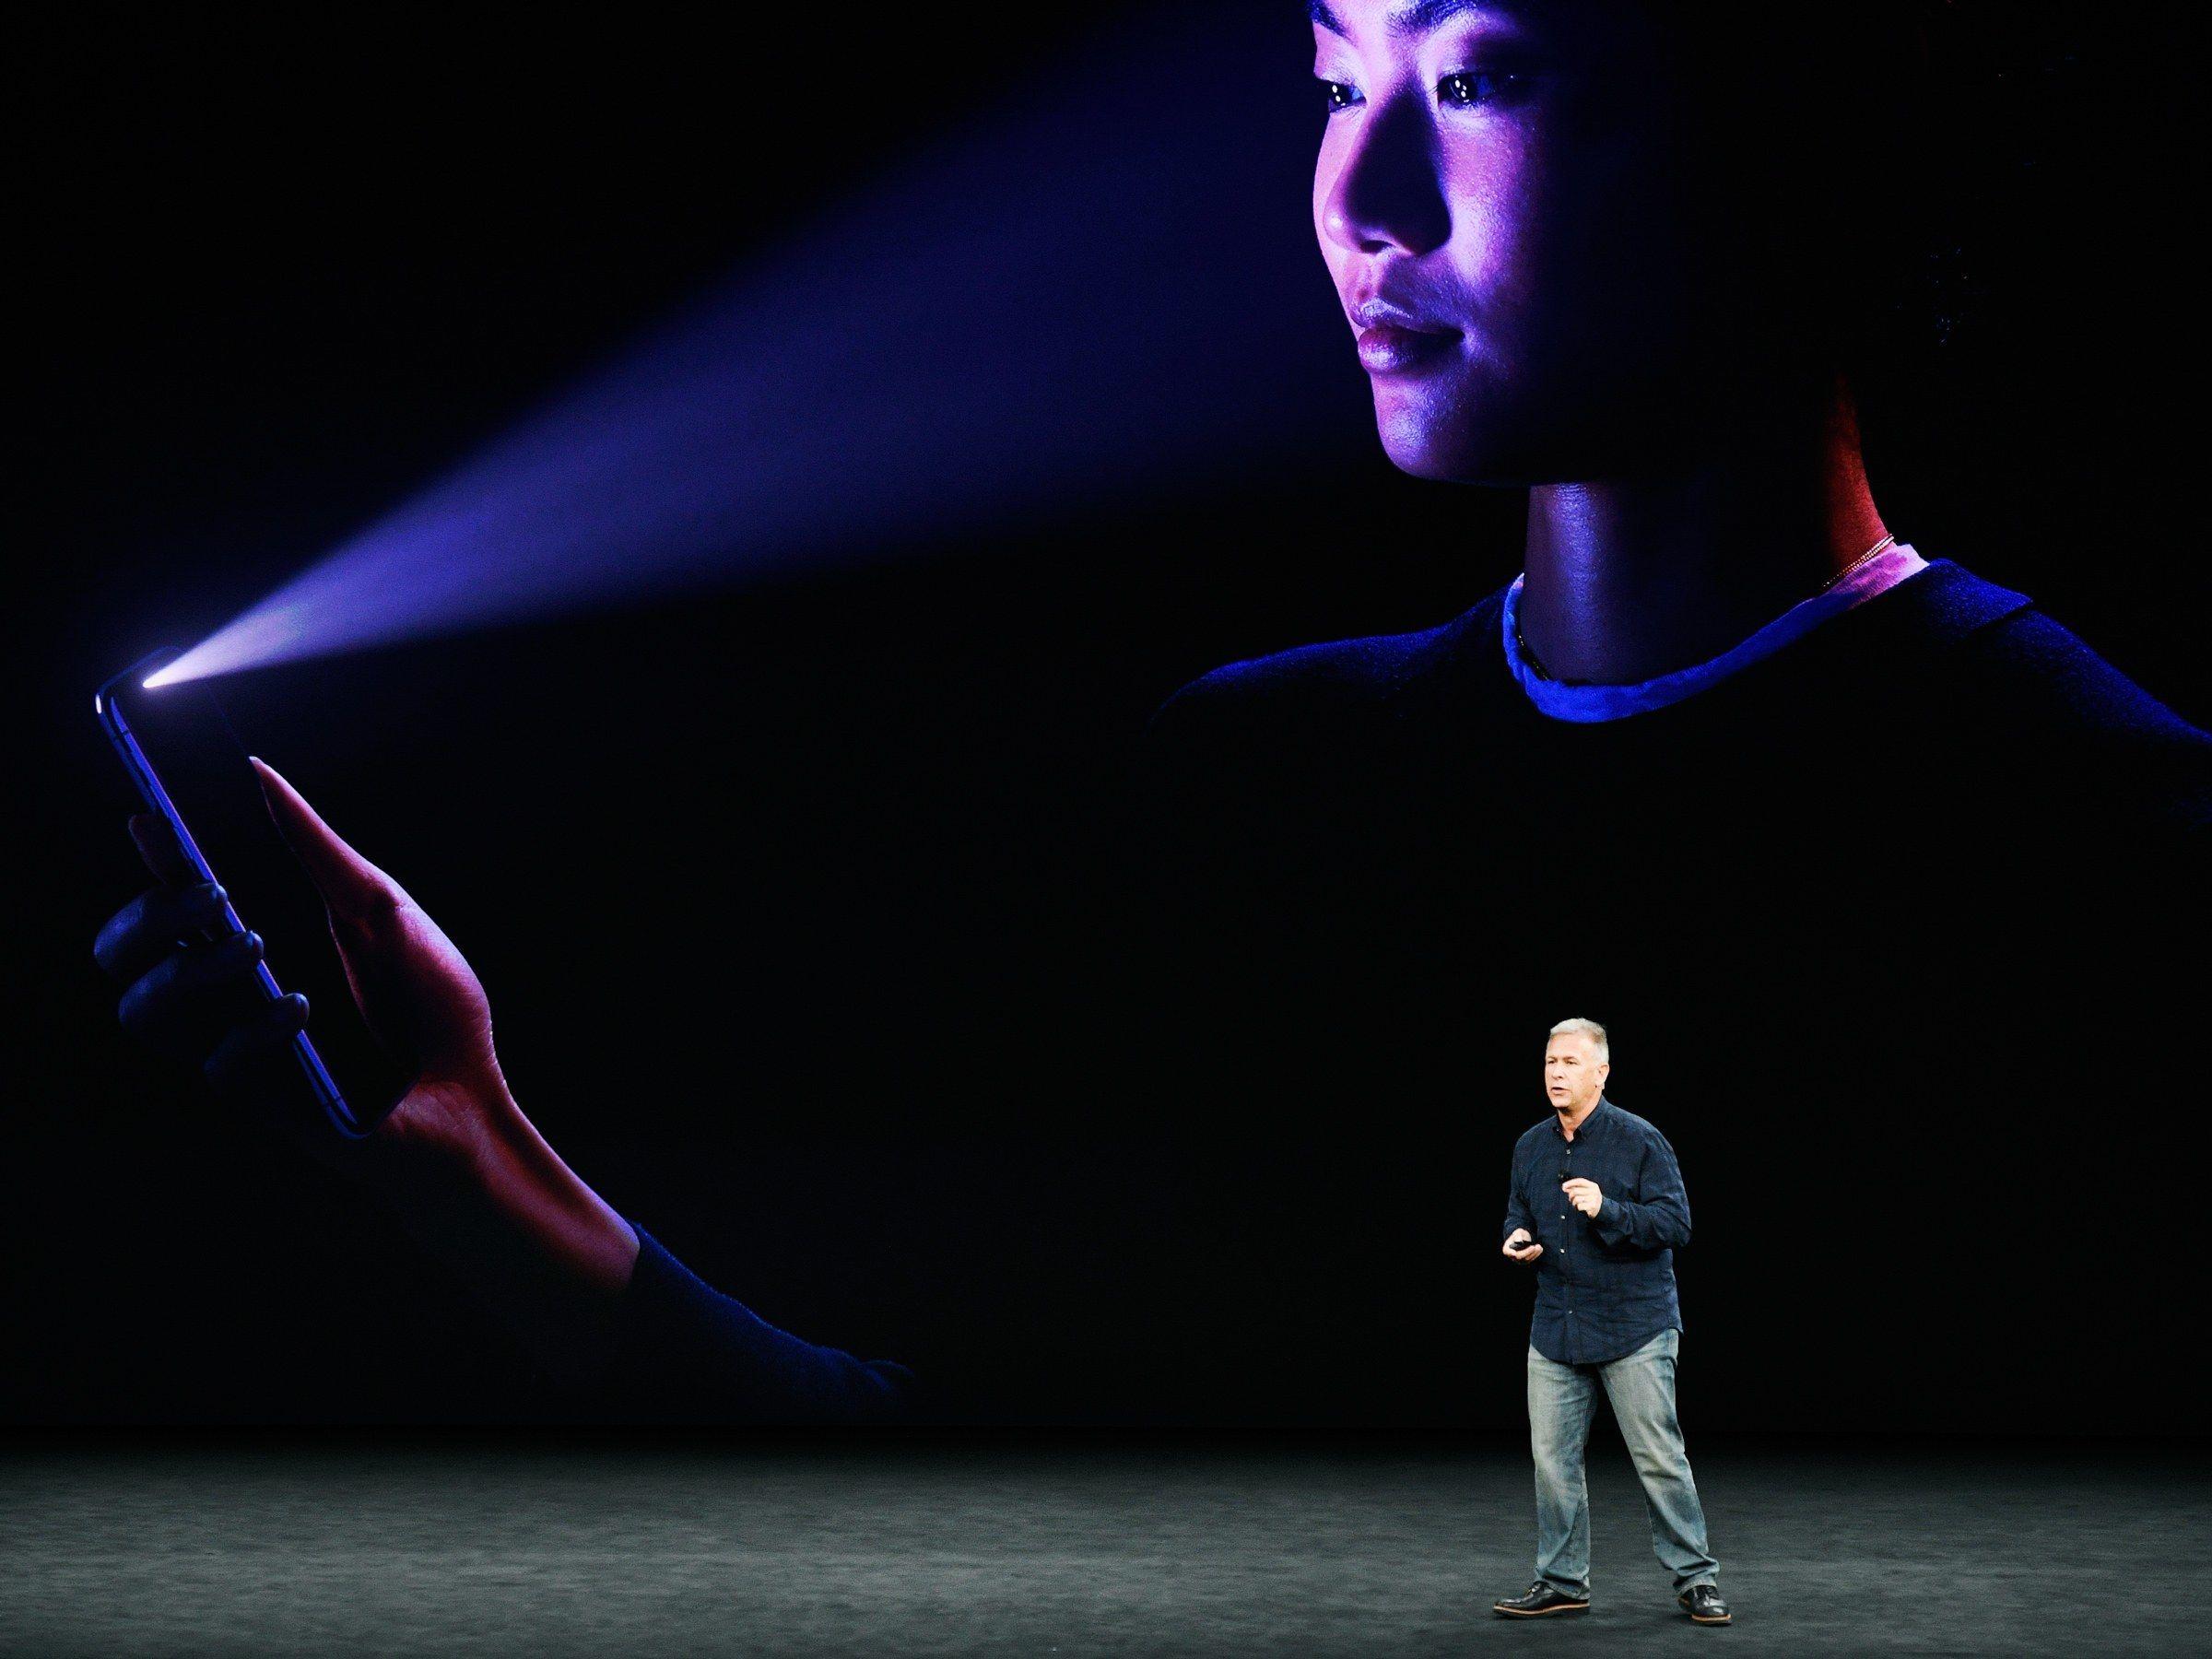 Apples «structured light»-metode er todelt. Én enhet sender et rutenett av infrarøde prikker over ansiktet, mens en annen sensor analyserer mønstret.